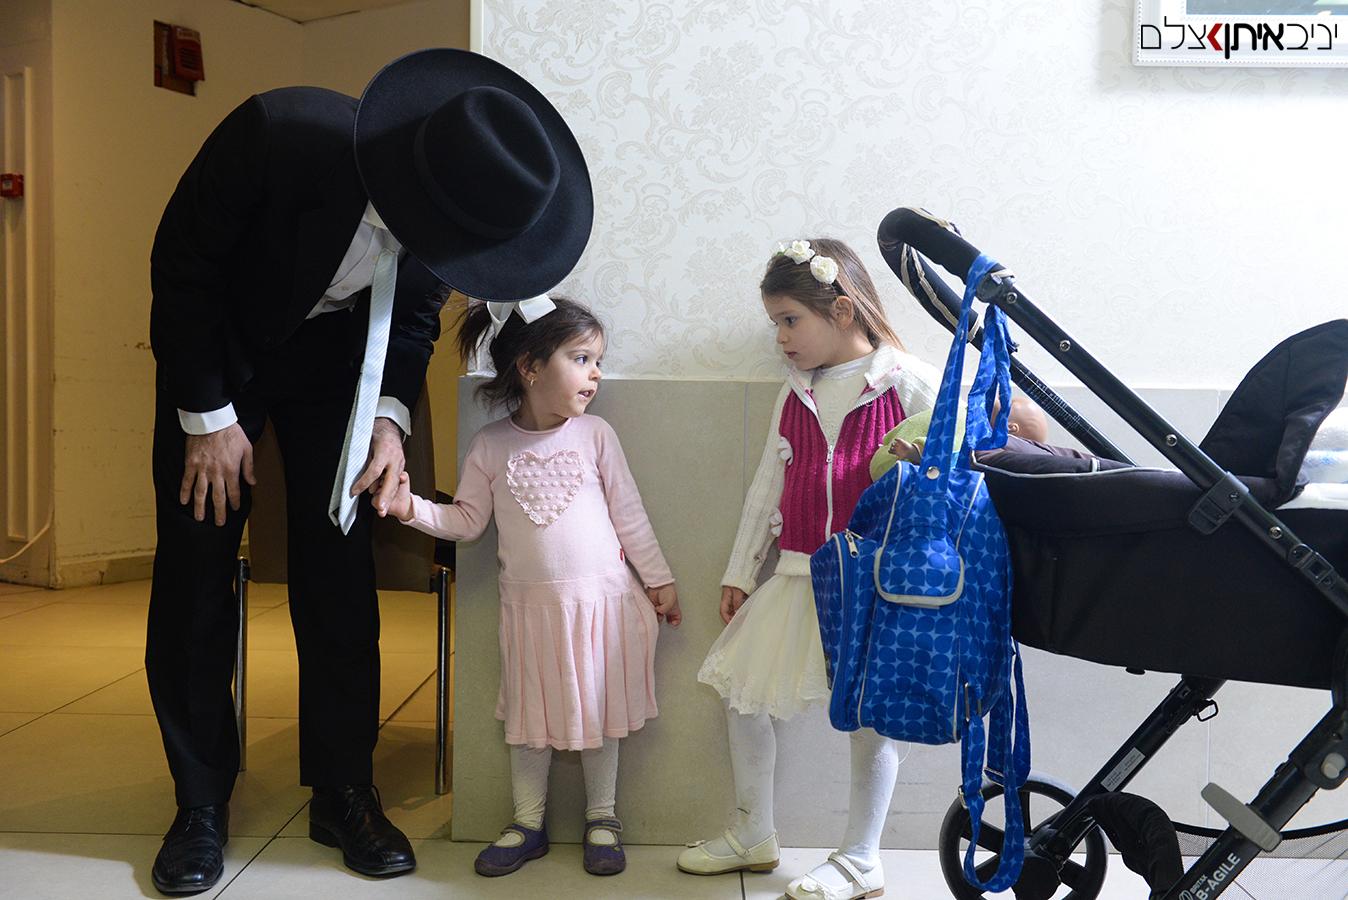 צילום אירועים דתיים - תמונה משפחתית בכניסה לאולם האירועים